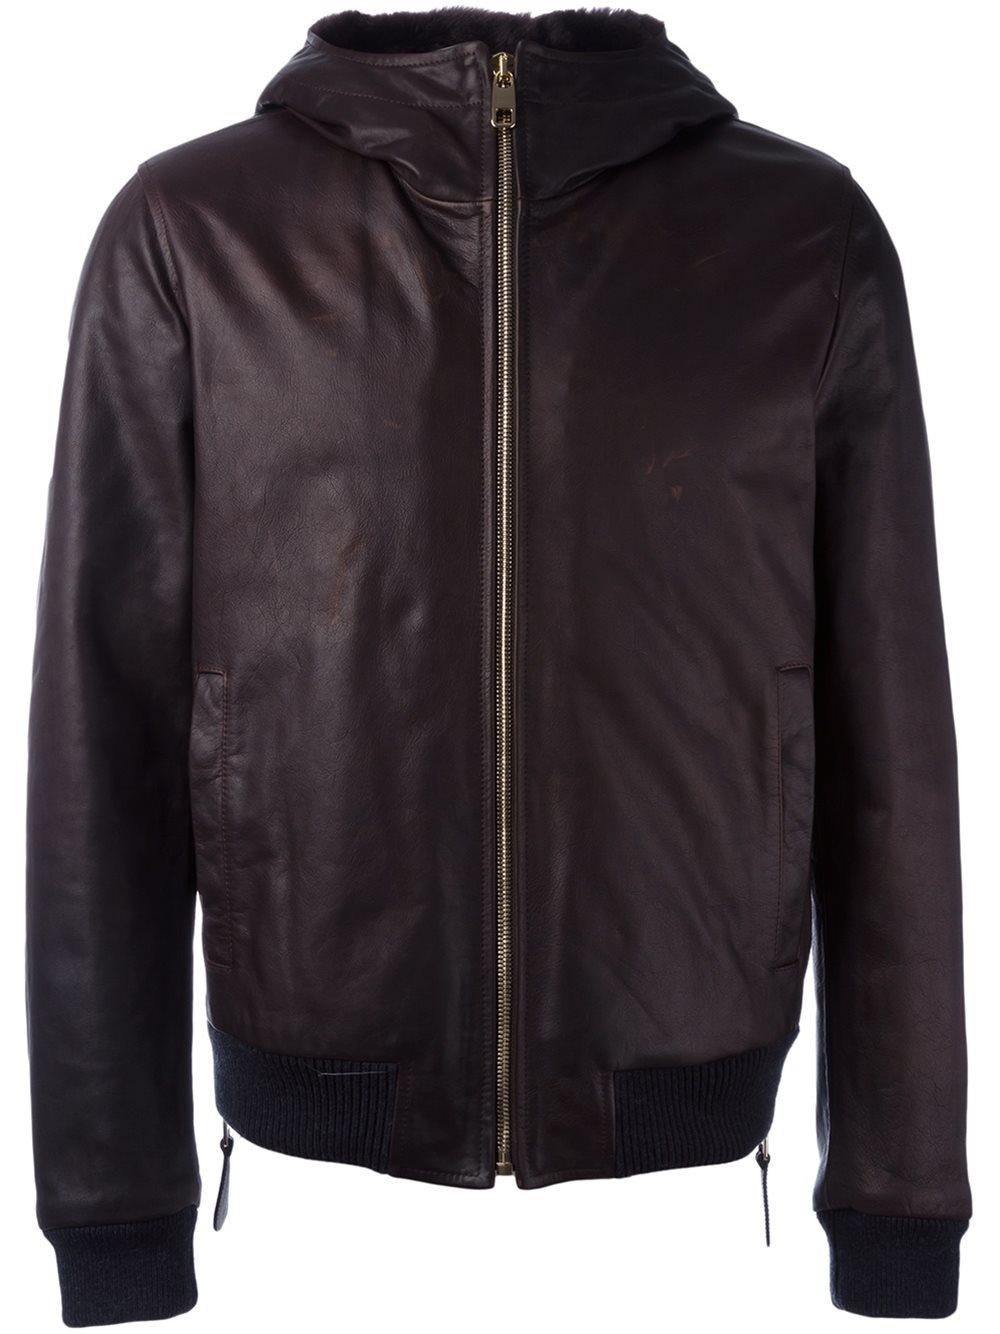 dolce gabbana hooded leather jacket in brown for men lyst. Black Bedroom Furniture Sets. Home Design Ideas